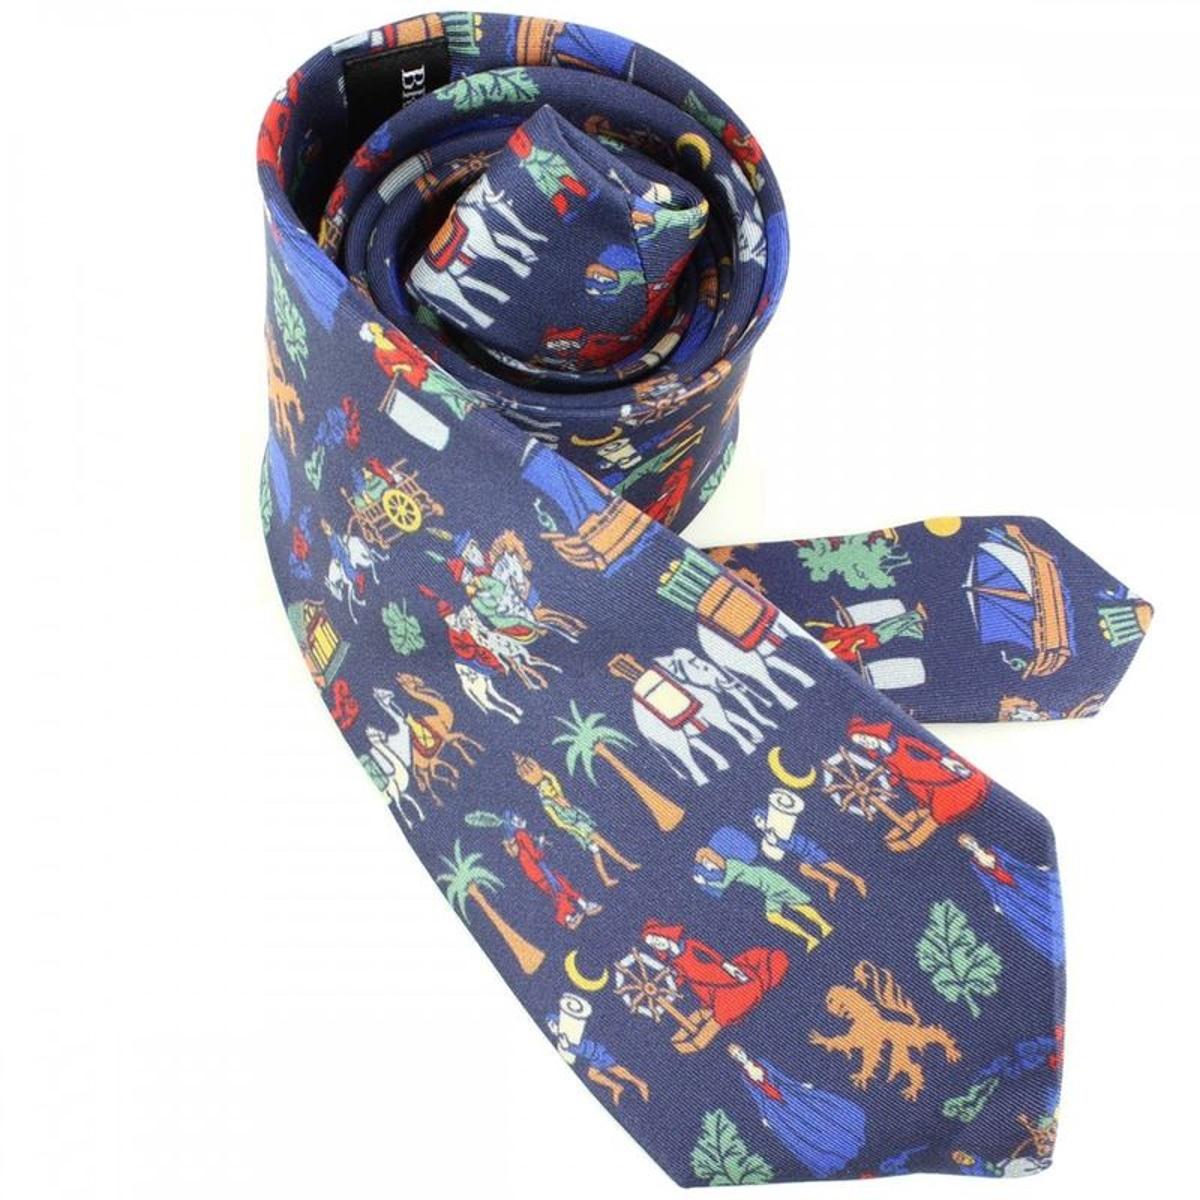 Cravate luxe soie route de la soie, Made in France